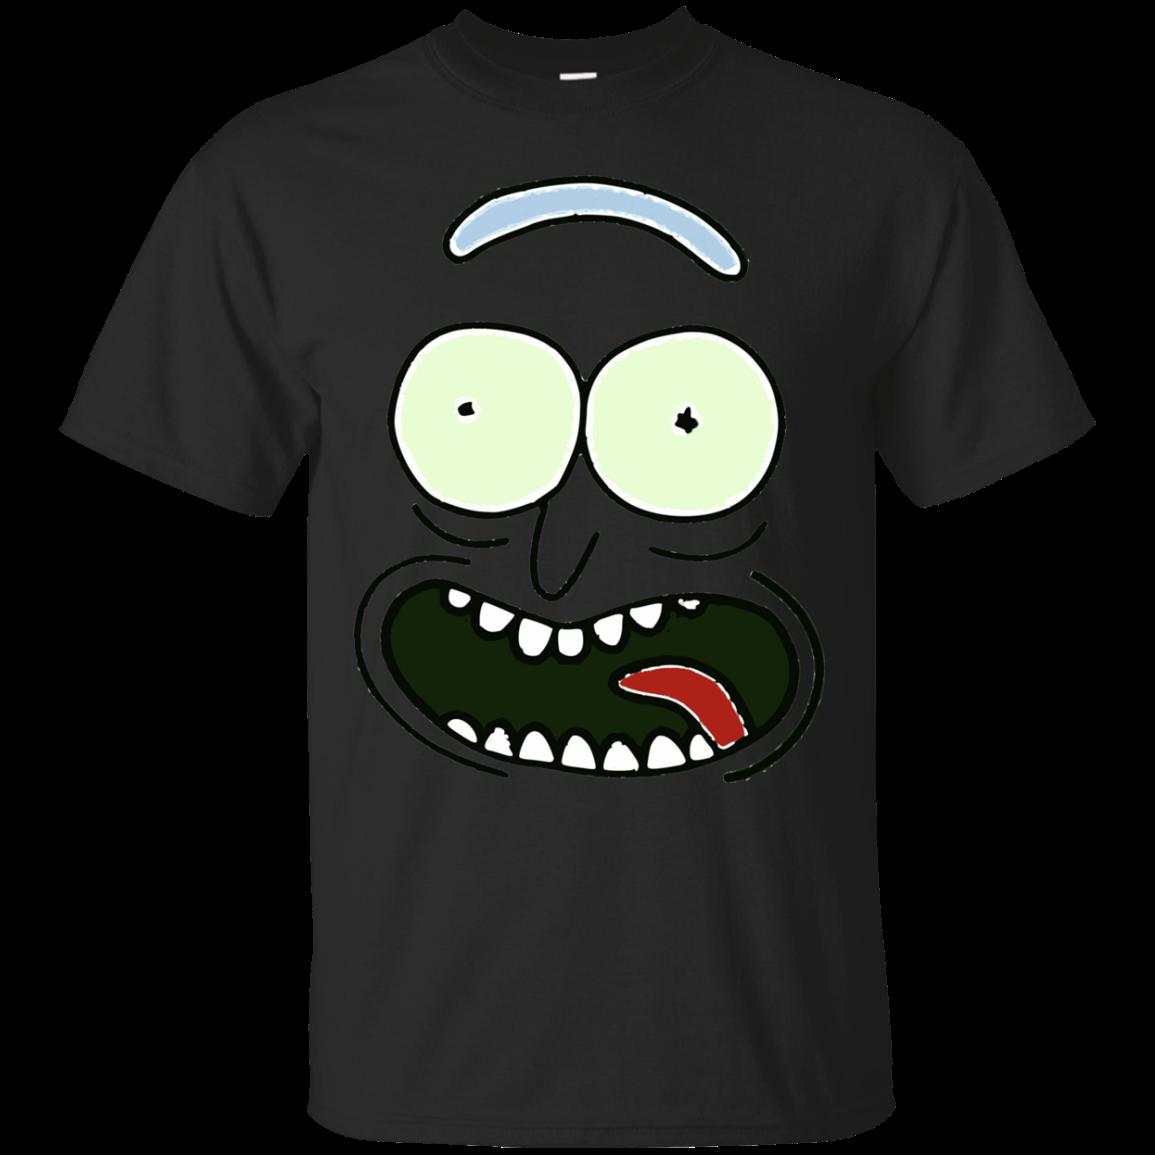 Pickle Rick Face Shirt Sweatshirt Designs Mens Graphic Tshirt Trendy Tshirts